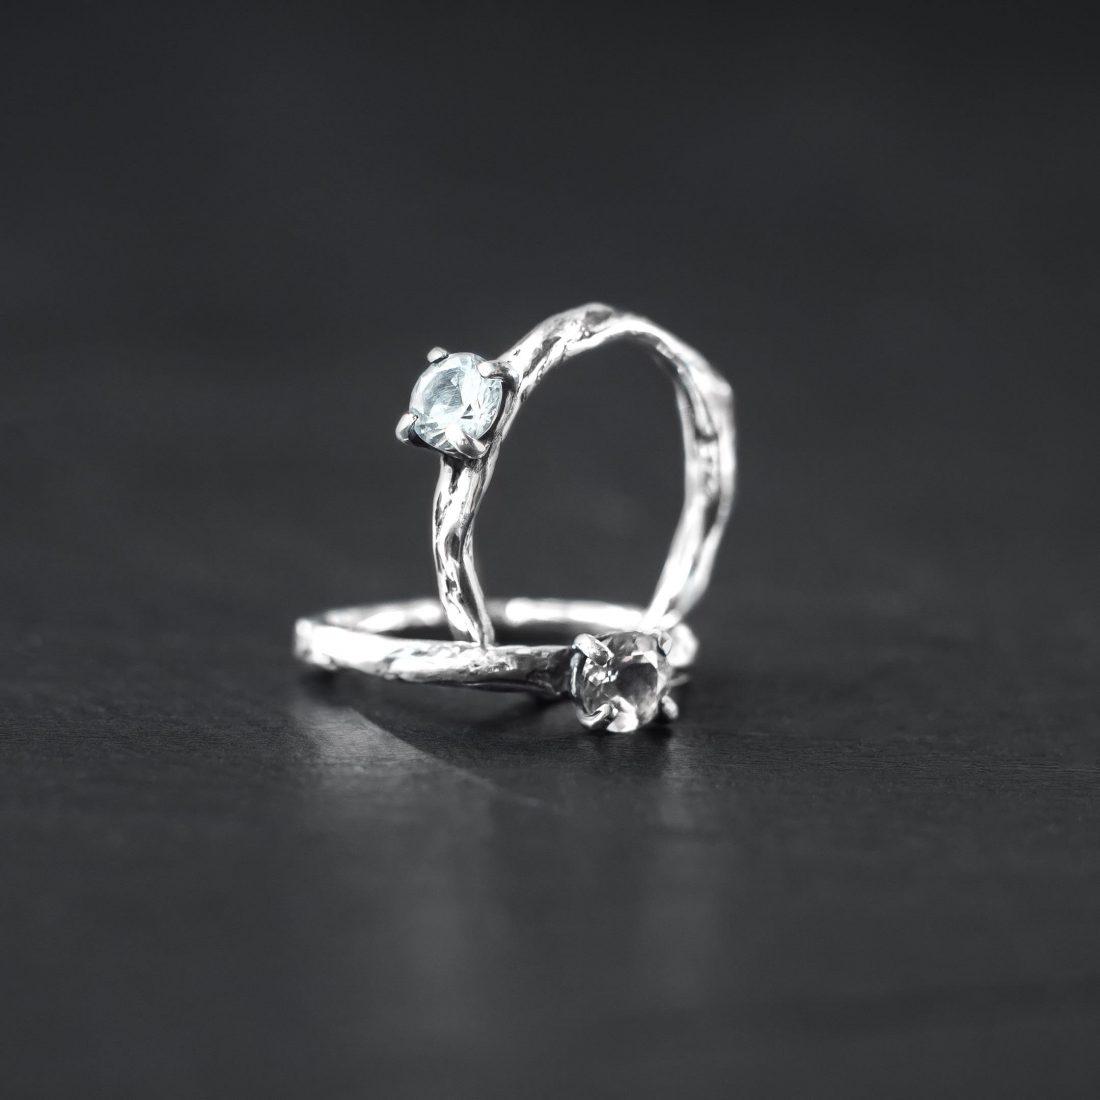 Кольцо текстурное с камнем 5 мм, серебро 3